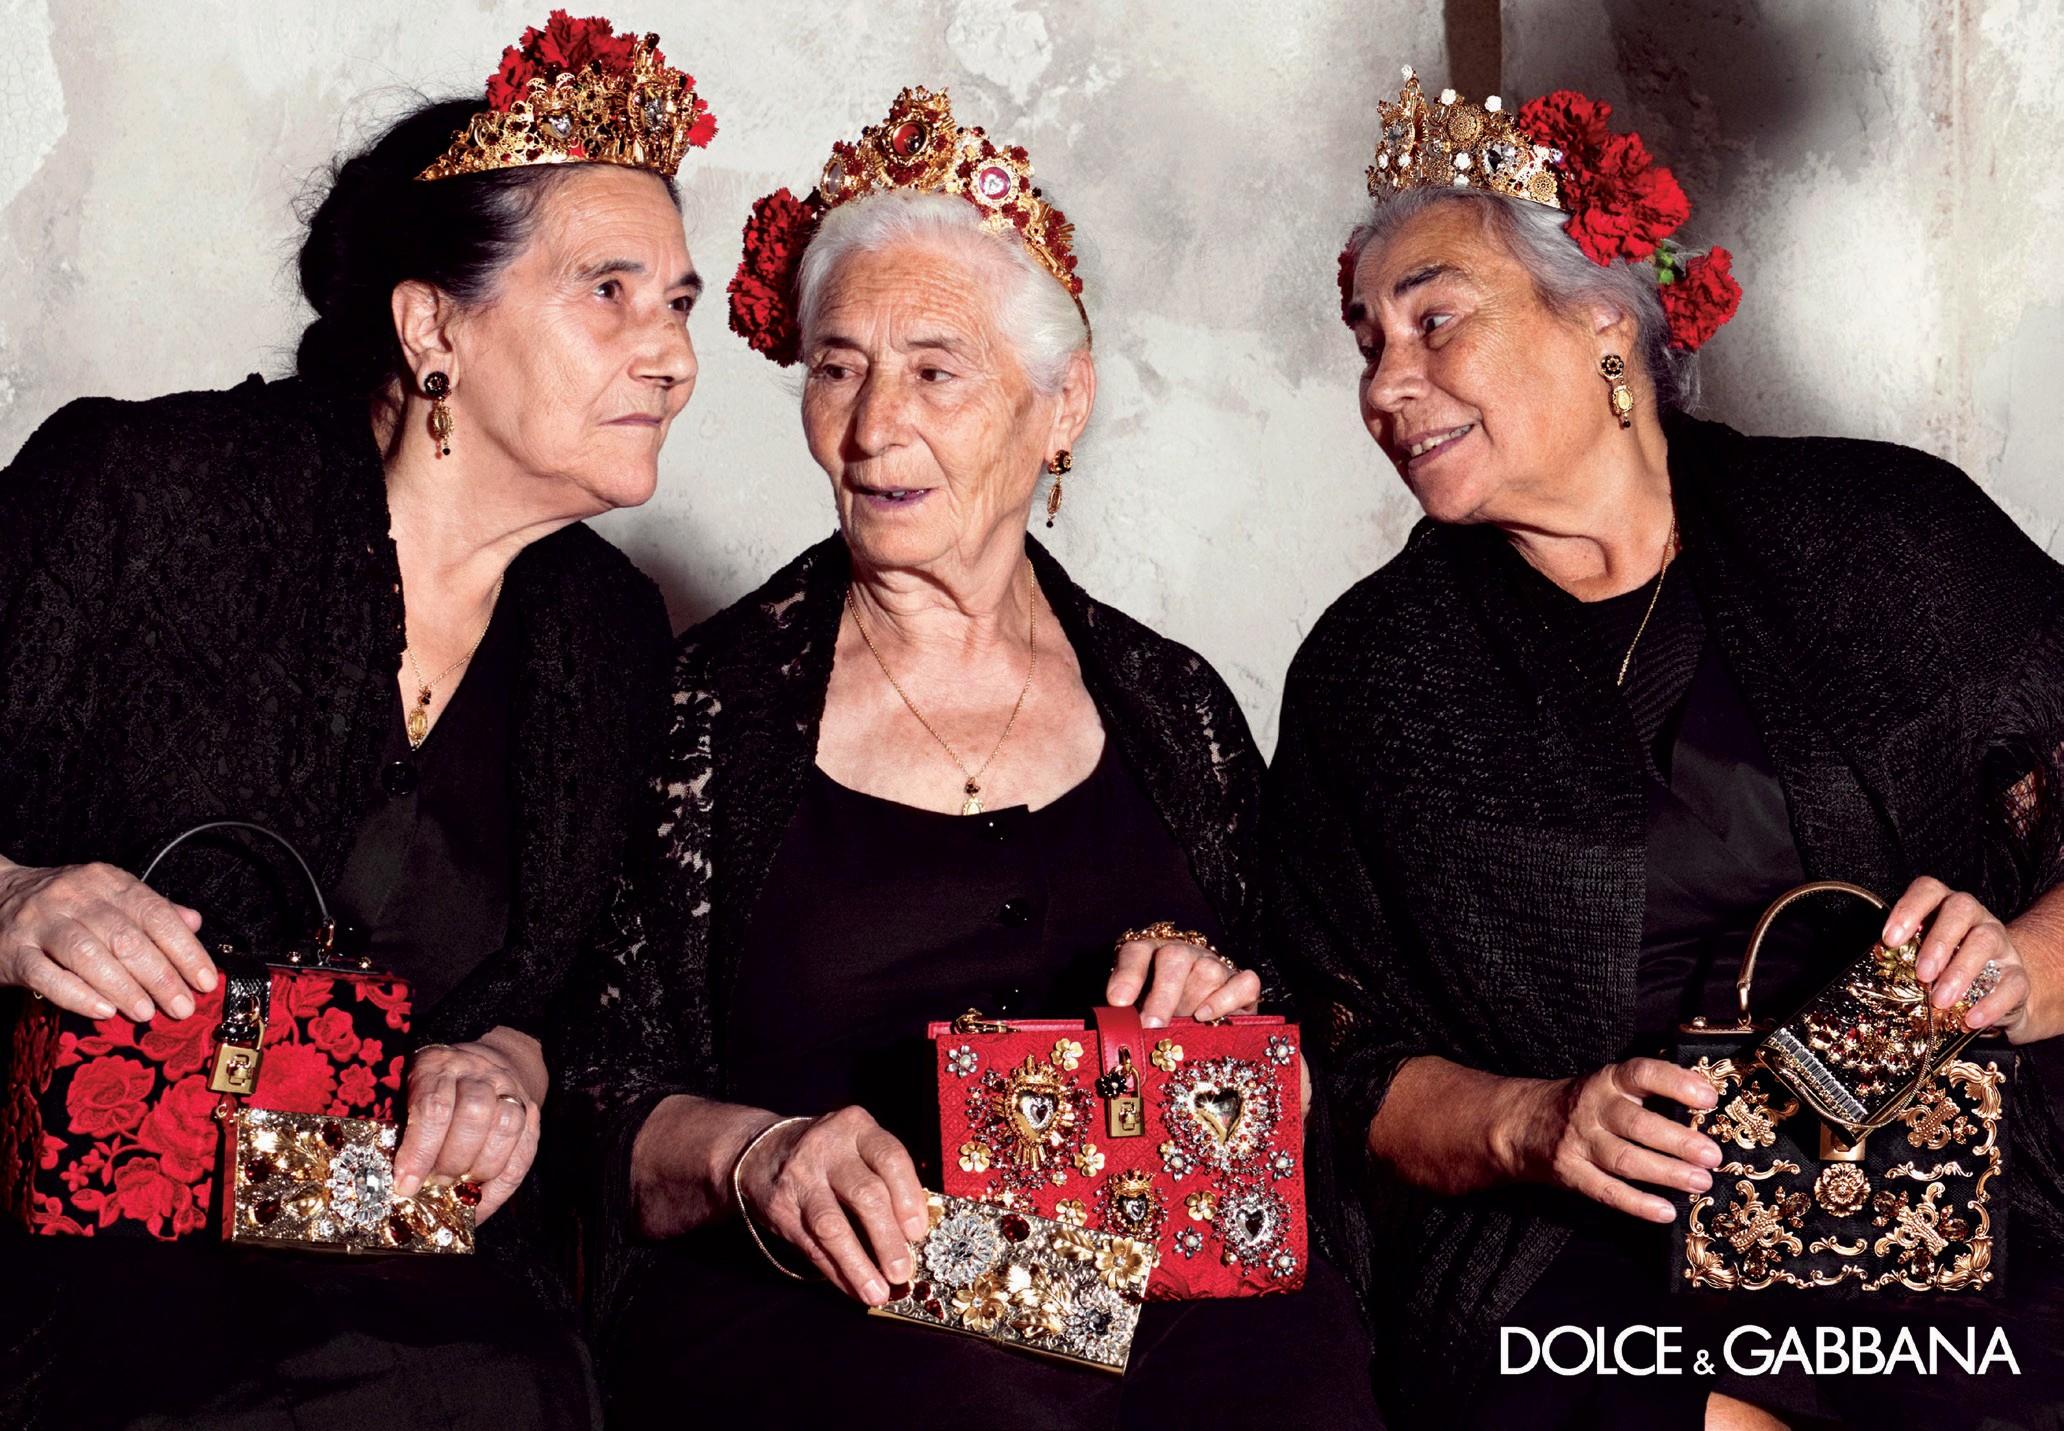 Italianas na faixa dos 80 anos na campanha do verão 2015 da Dolce & Gabbana (Foto: Divulgação)